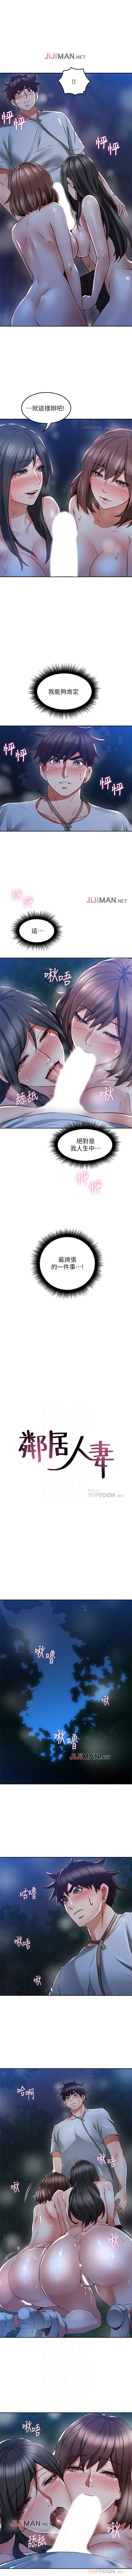 【周六更新】邻居人妻(作者:李周元 & 頸枕) 第1~50话 333